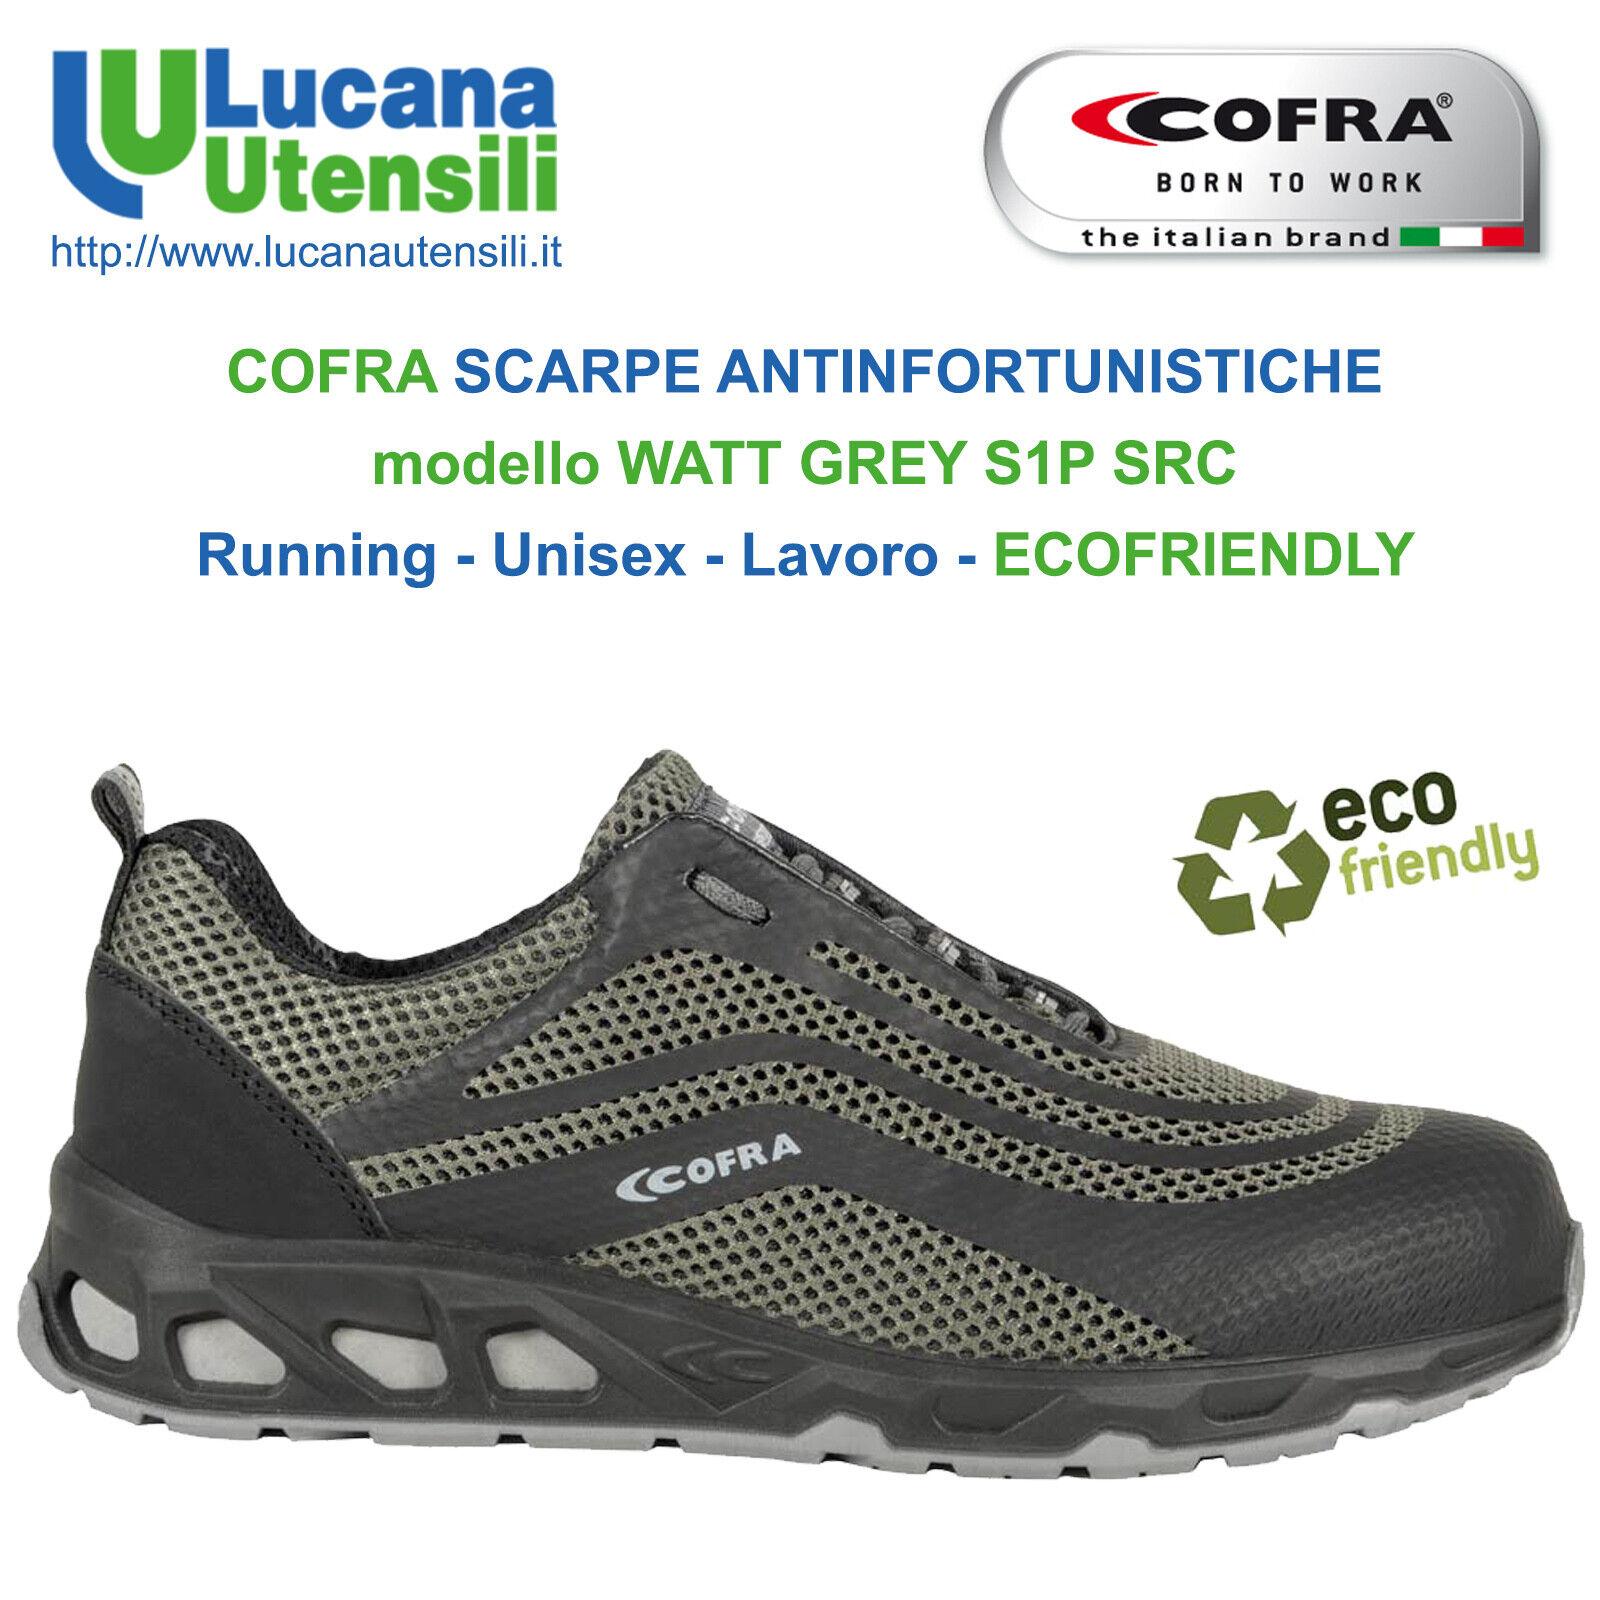 COFRA zapatos ANTINFORTUNISTICHE modello WATT gris S1P SRC - 2019 Unisex Lavoro